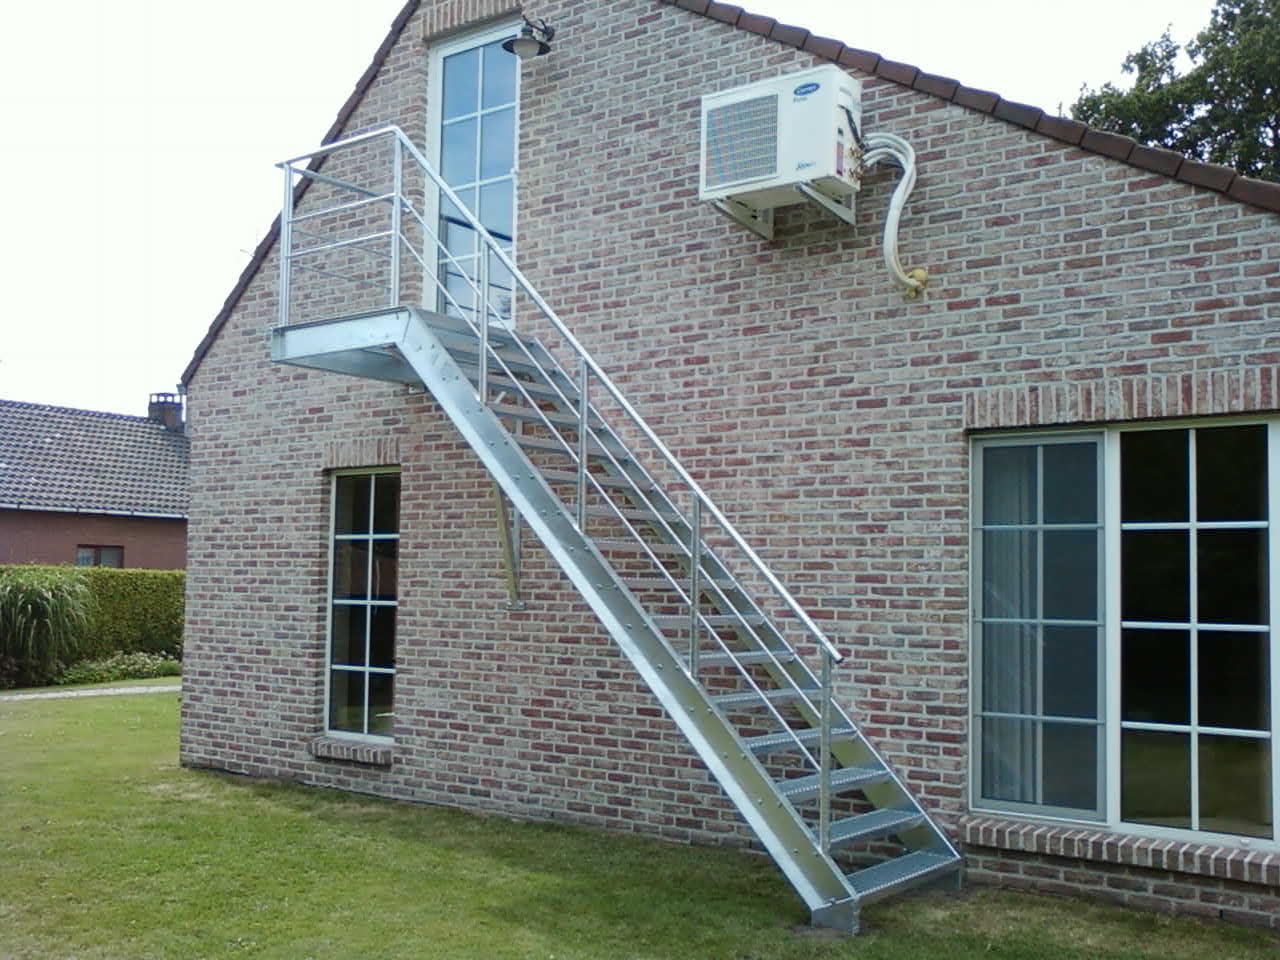 Metalen brandtrap met terras aan herberg caf metaalwerken limburg trappen hekwerk poorten - Metalen trap ...